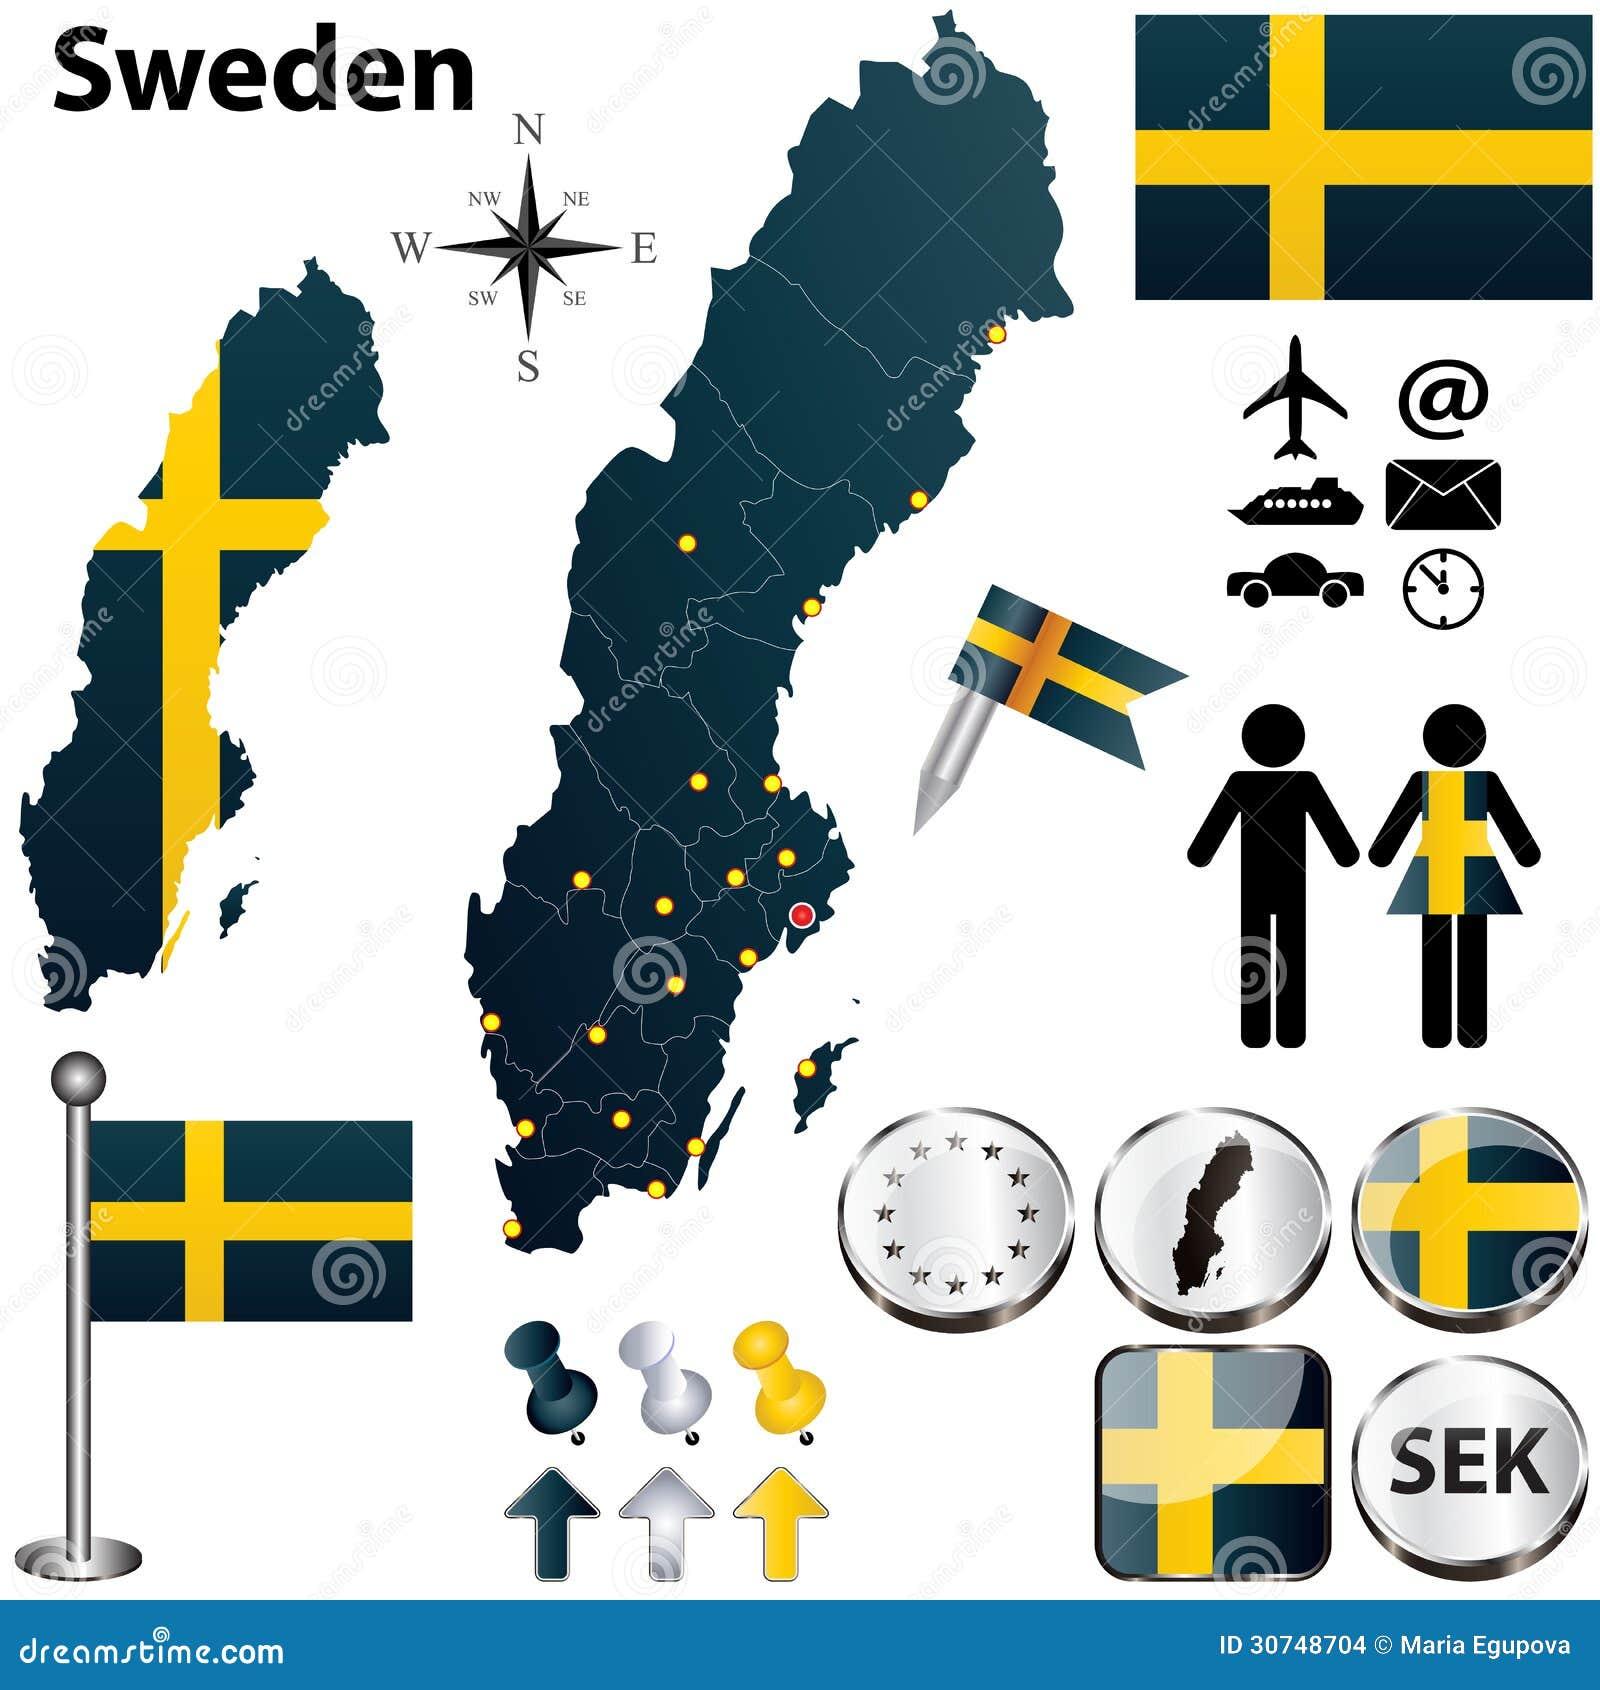 Karte Schweden Regionen.Karte Von Schweden Mit Regionen Vektor Abbildung